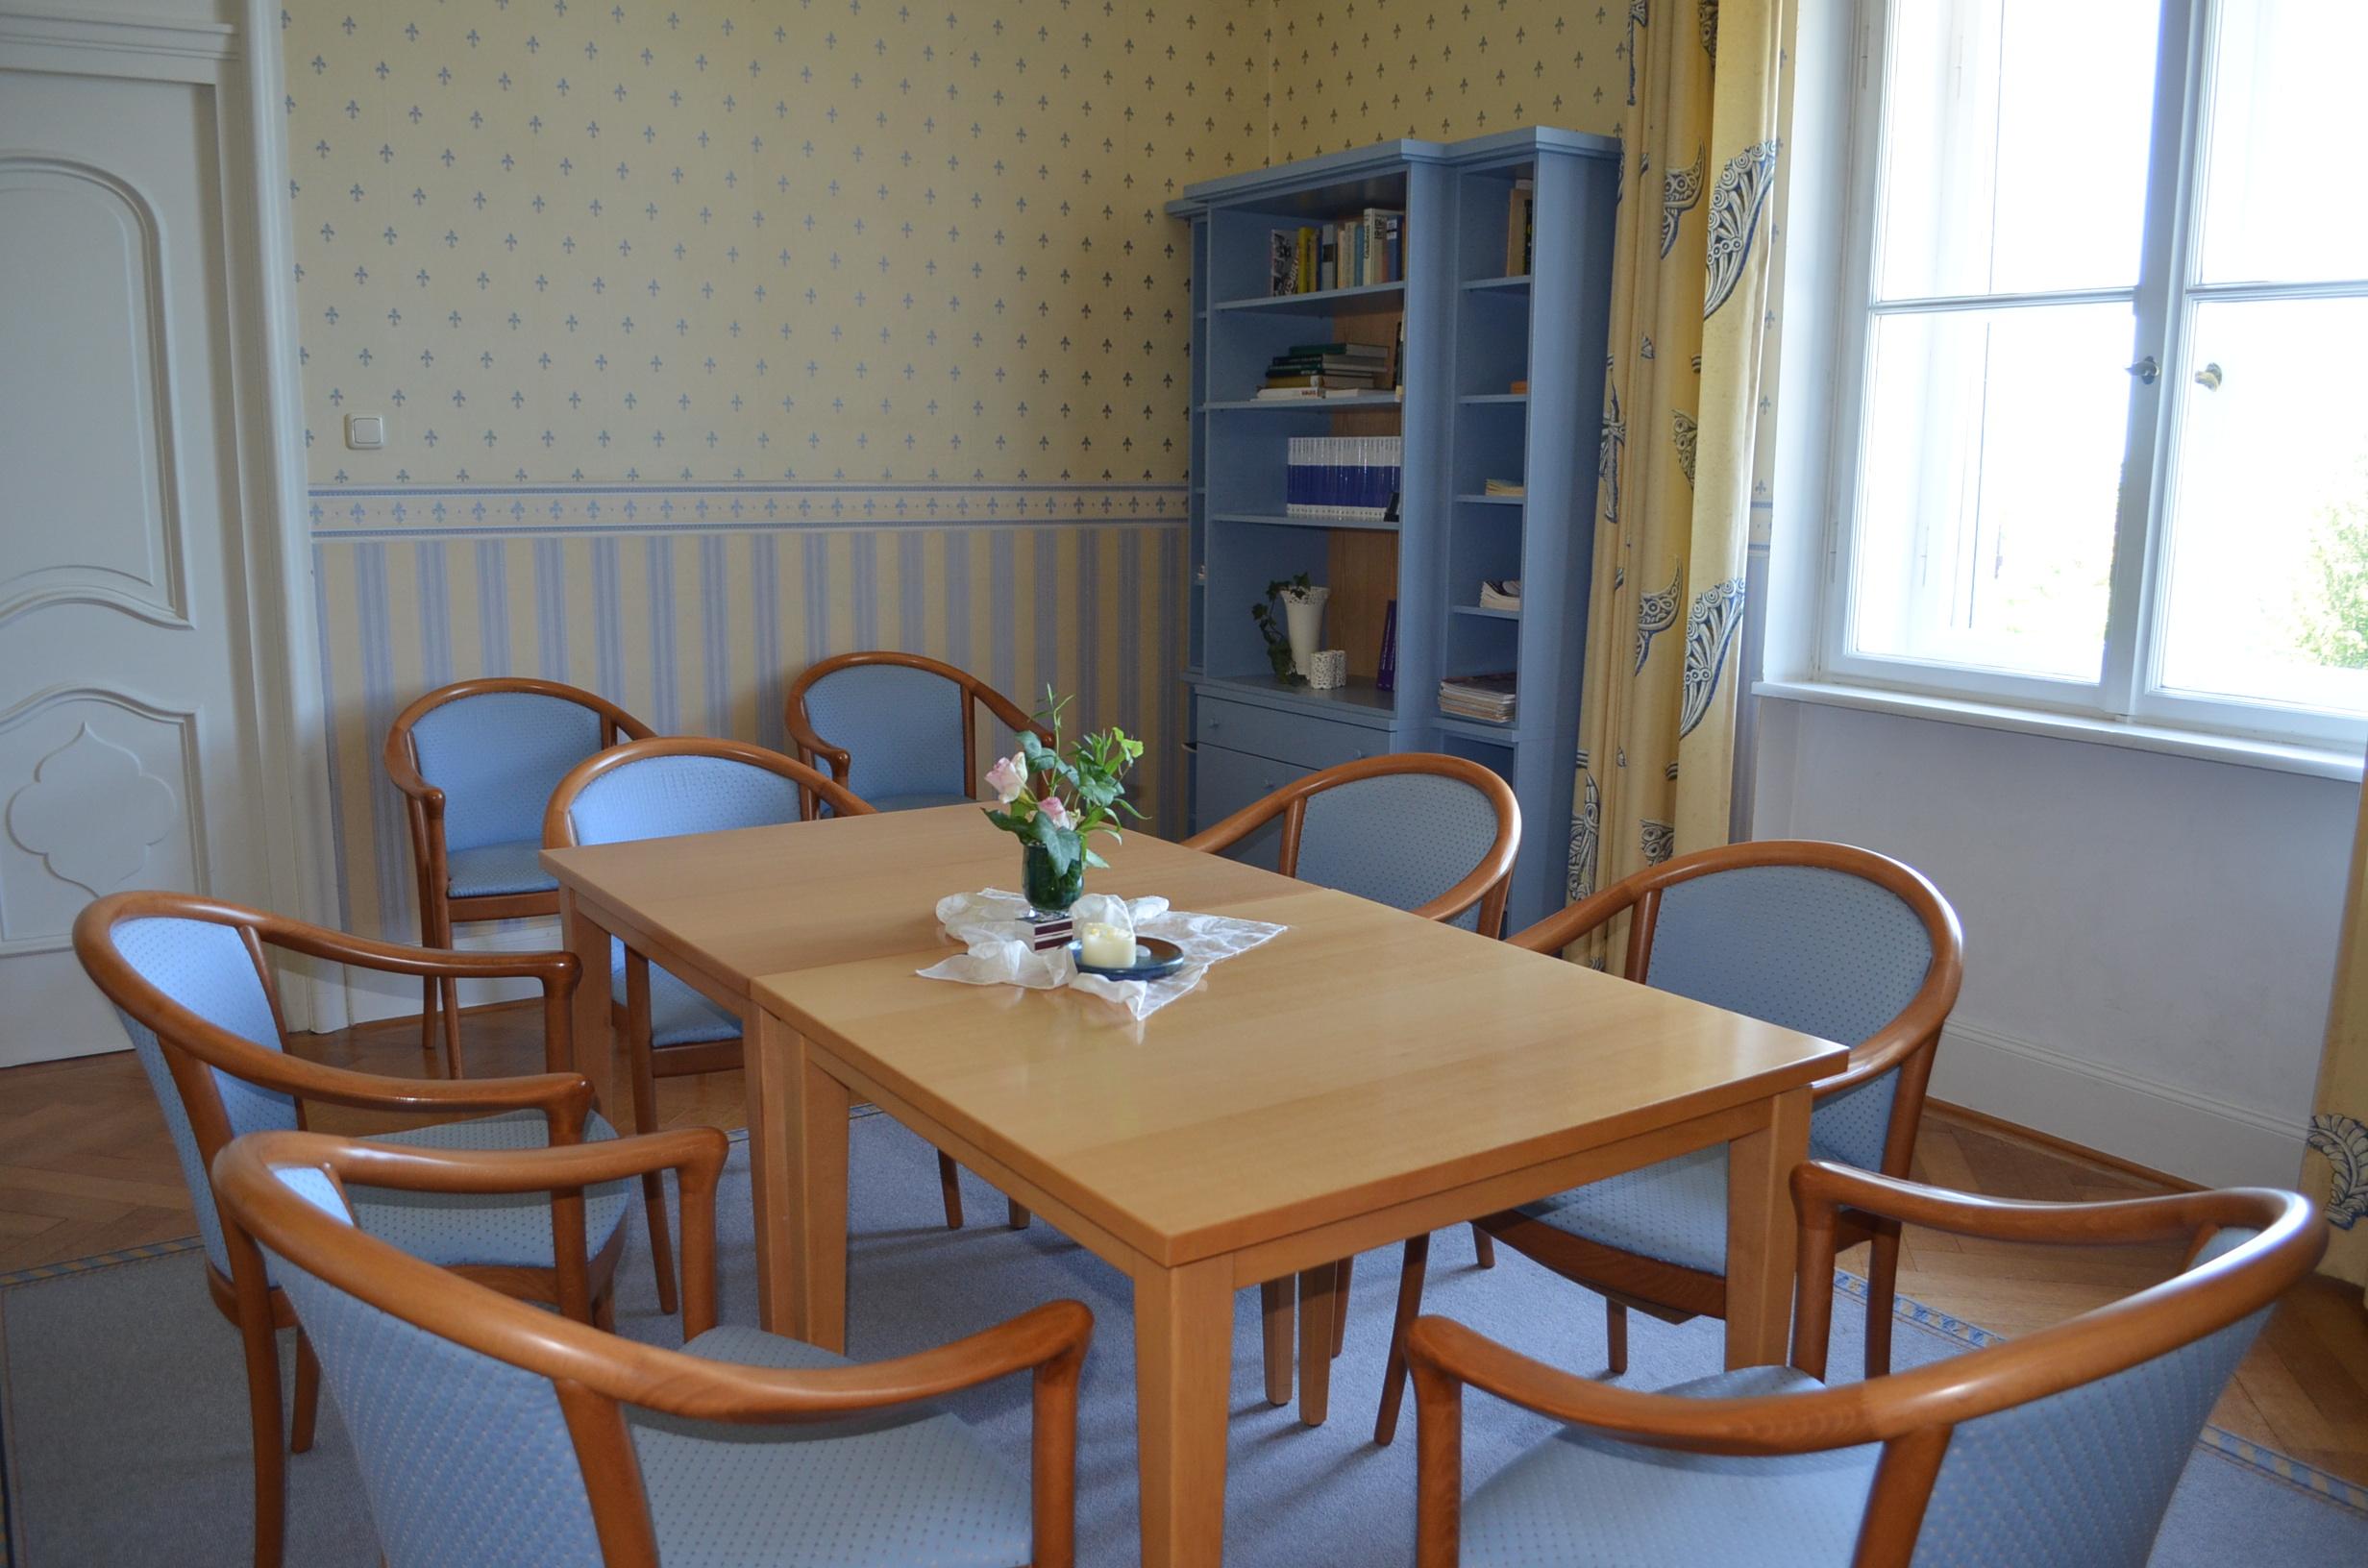 kleiner Gruppenraum für christliche Seminare und Freizeiten in Schlossambiente mit Wohlfühlatmosphäre